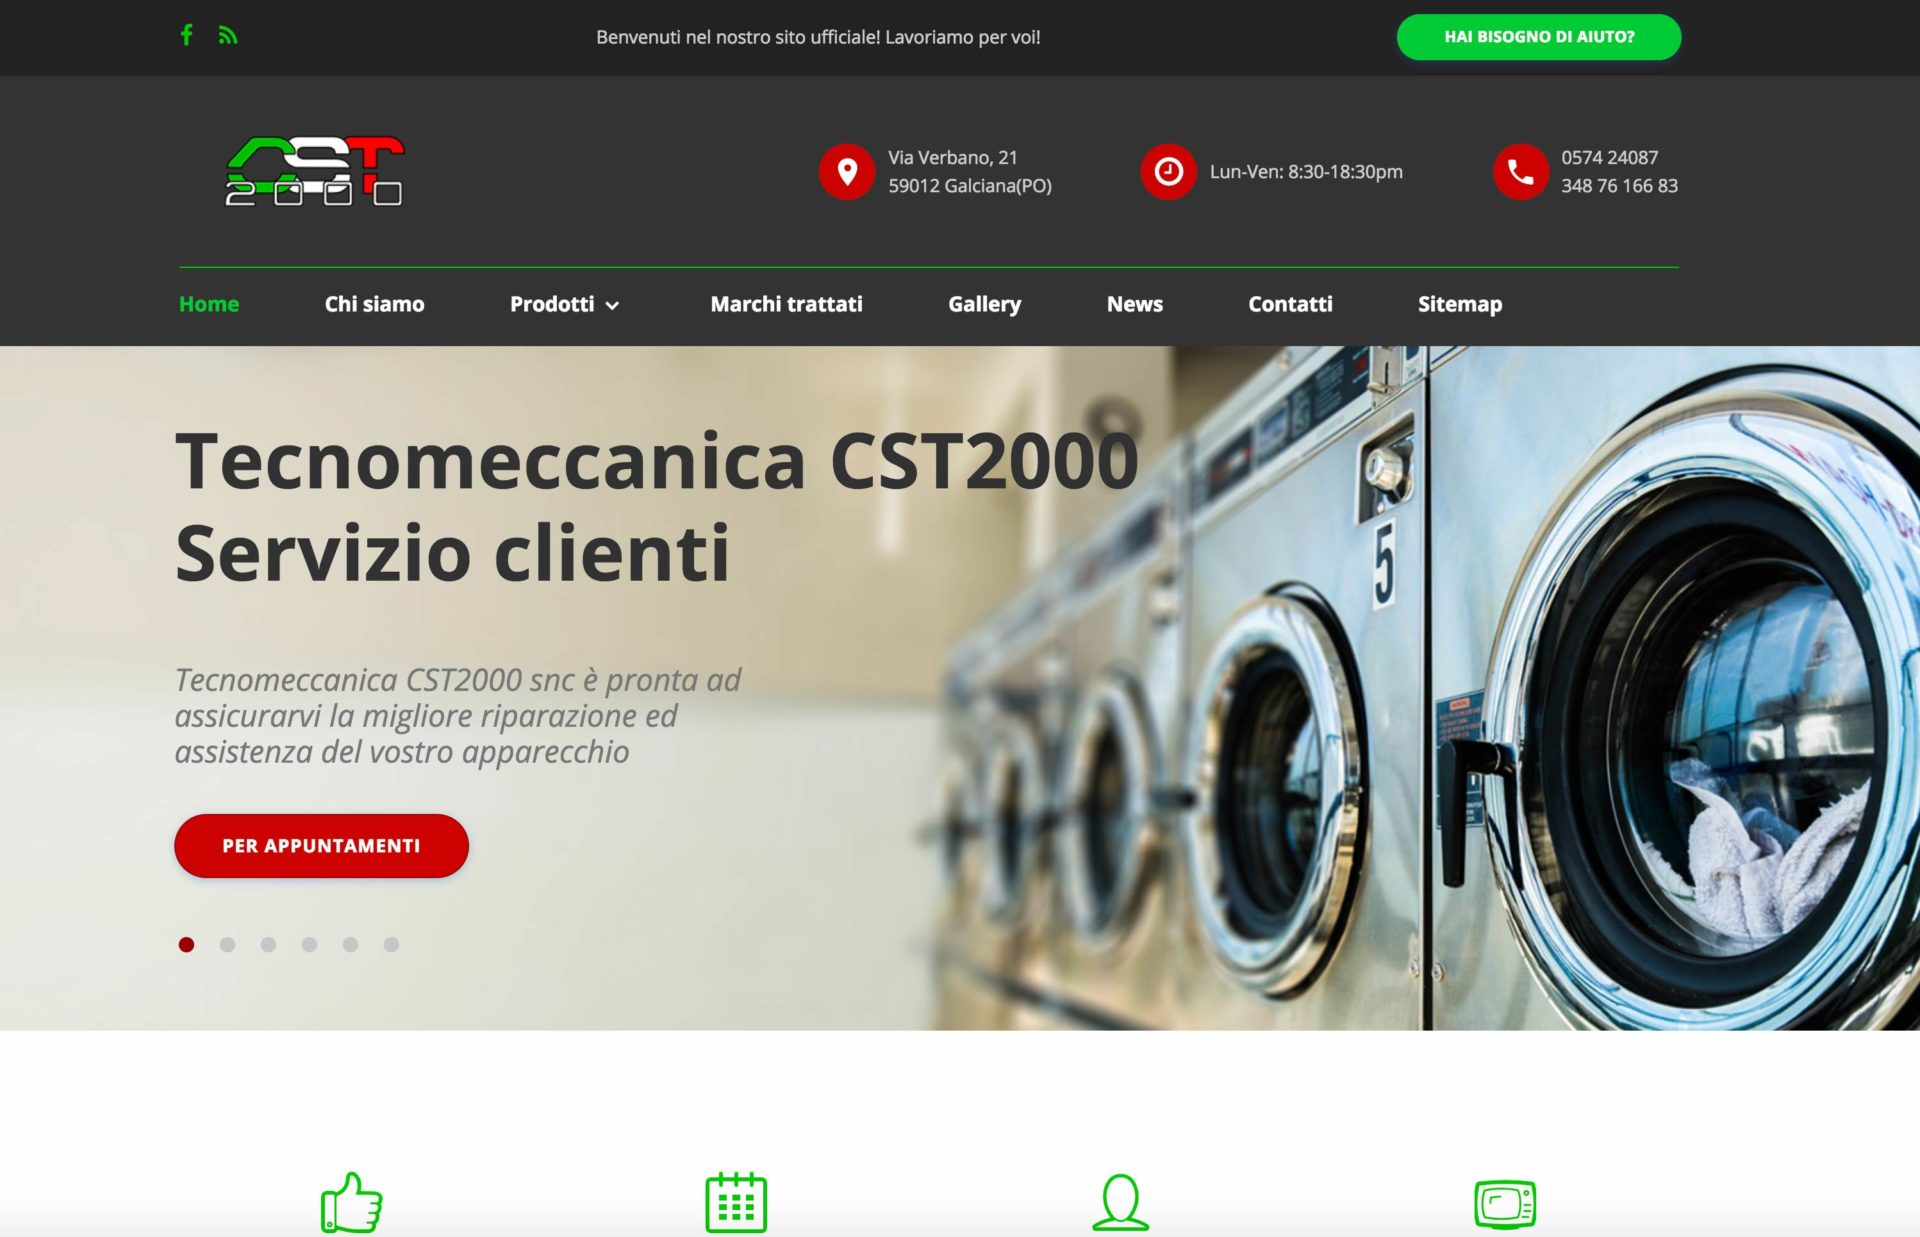 Web design e web develop tecnomeccanica CST2000 - progettazione e sviluppo di un sito web a layout responsive